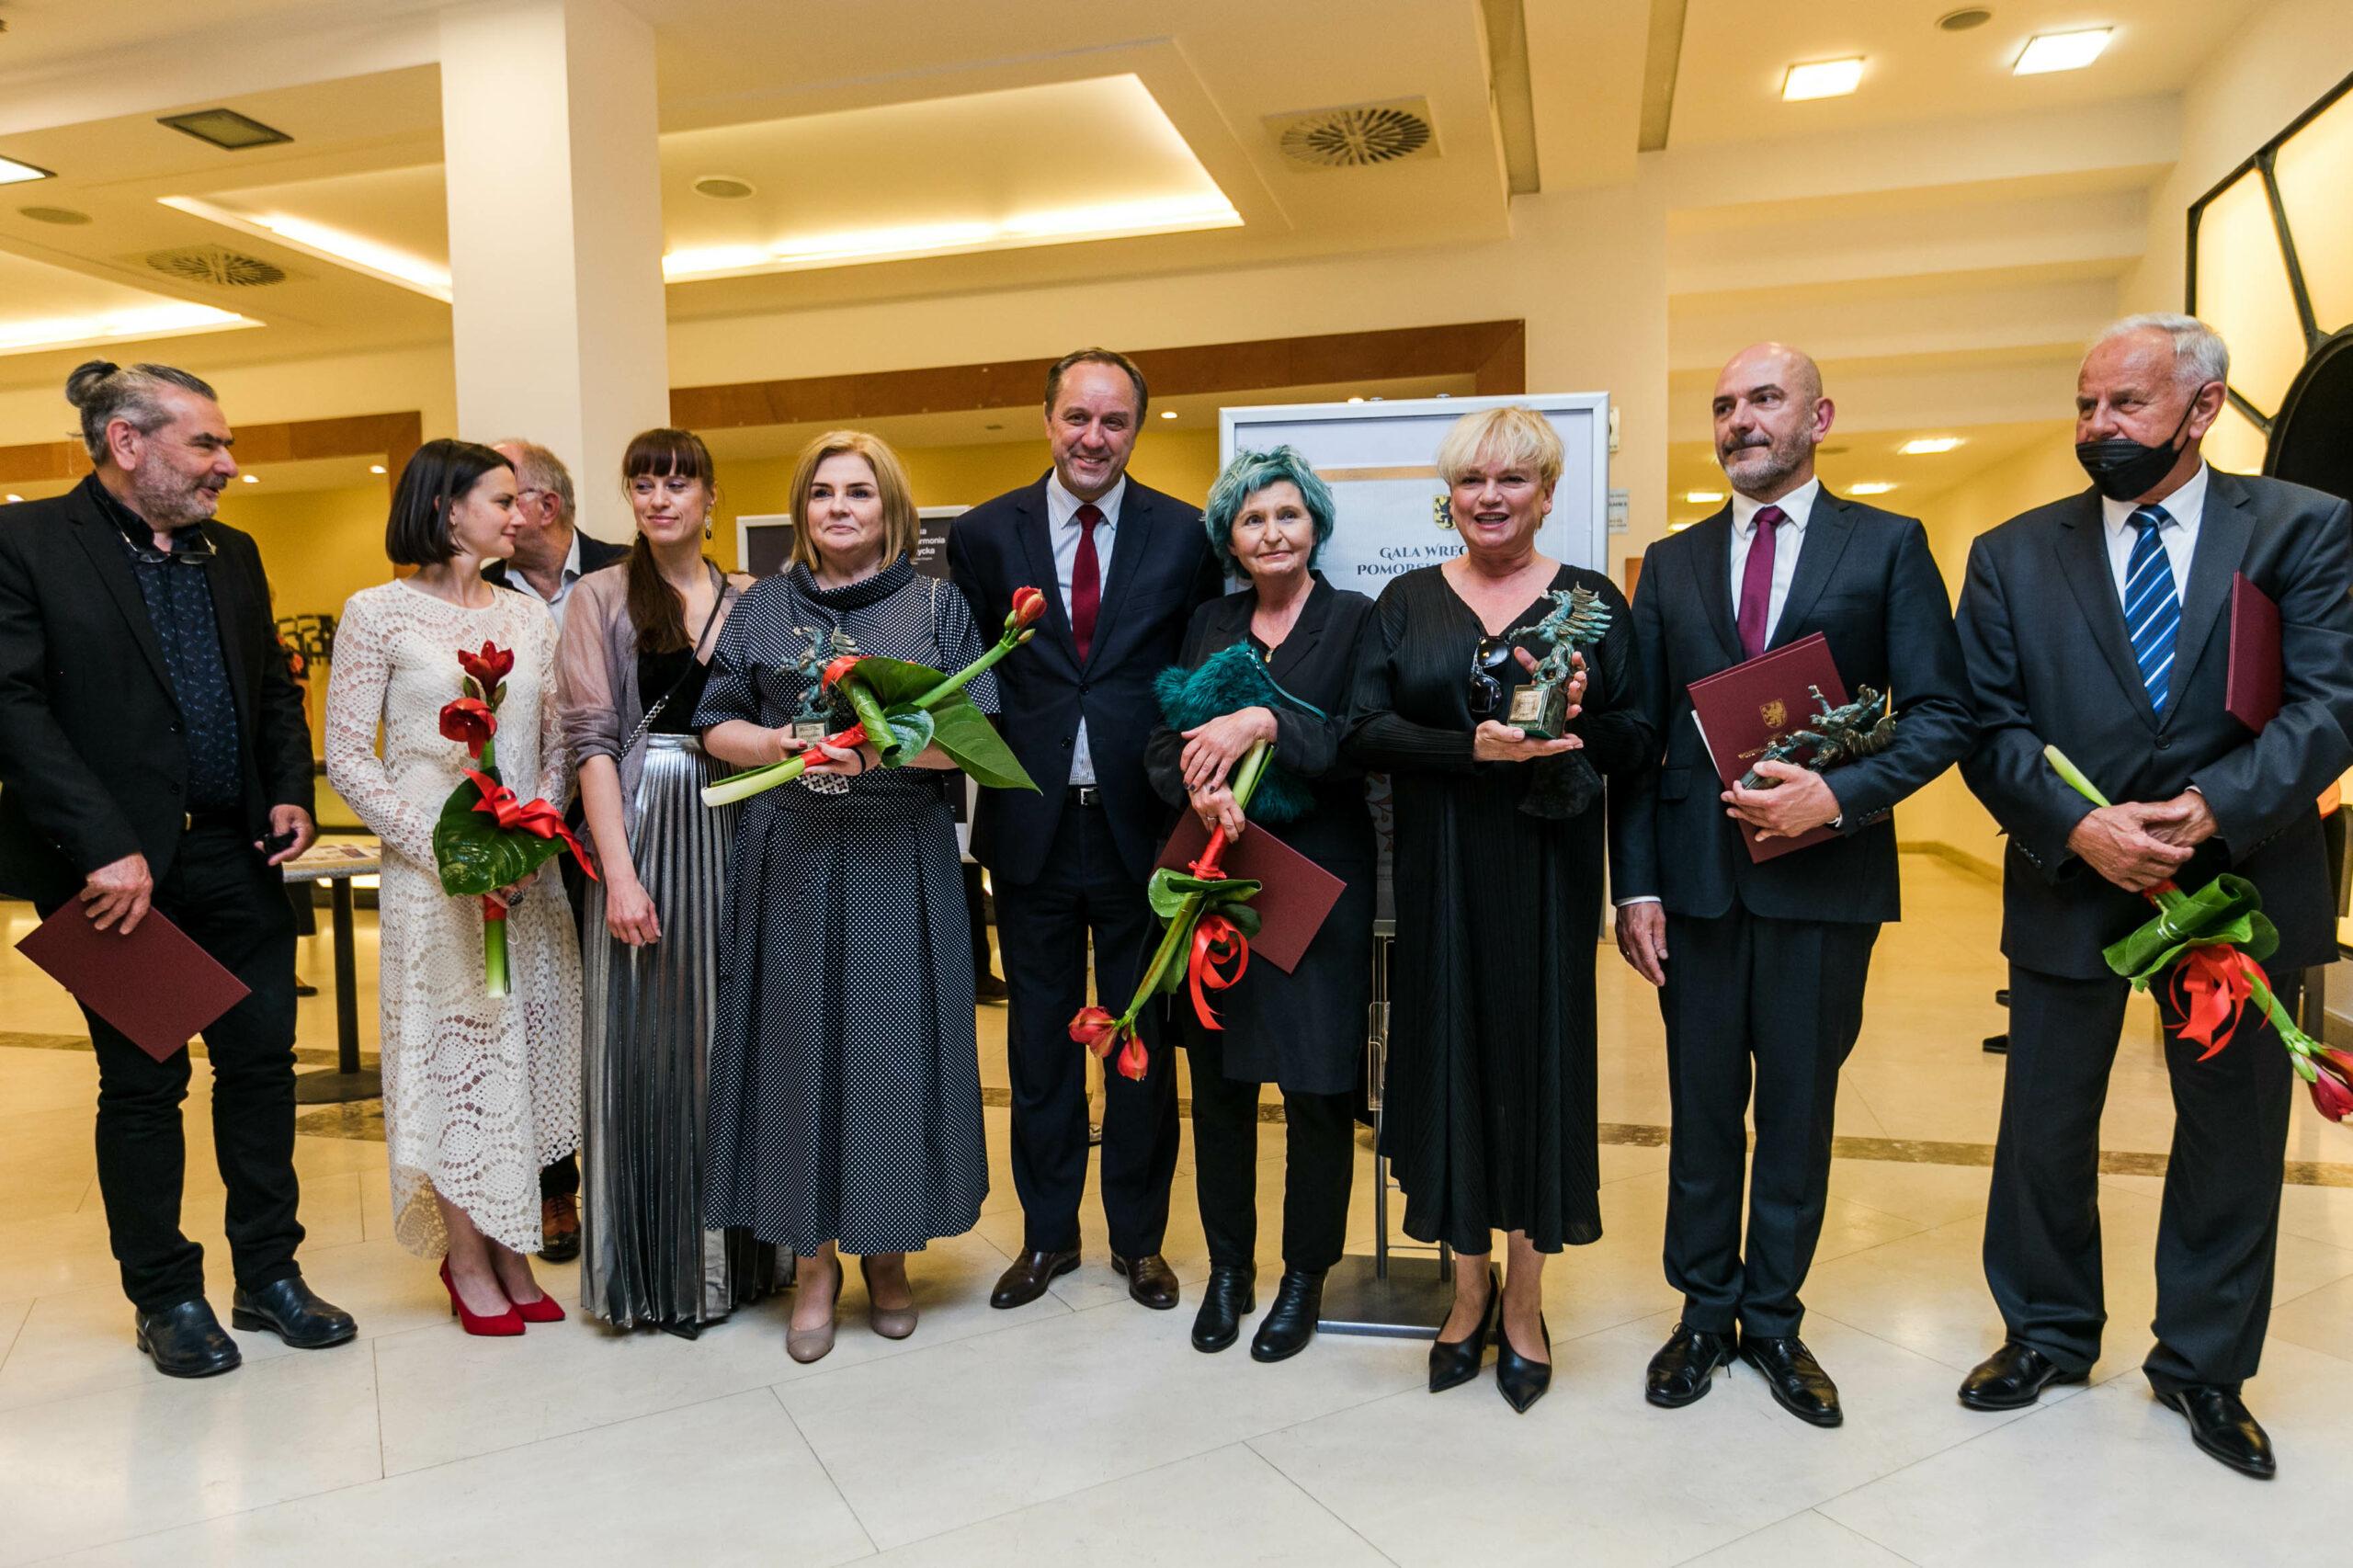 Pomorskie Nagrody Artystyczne wręczone! Znamy laureatów nagród marszałka